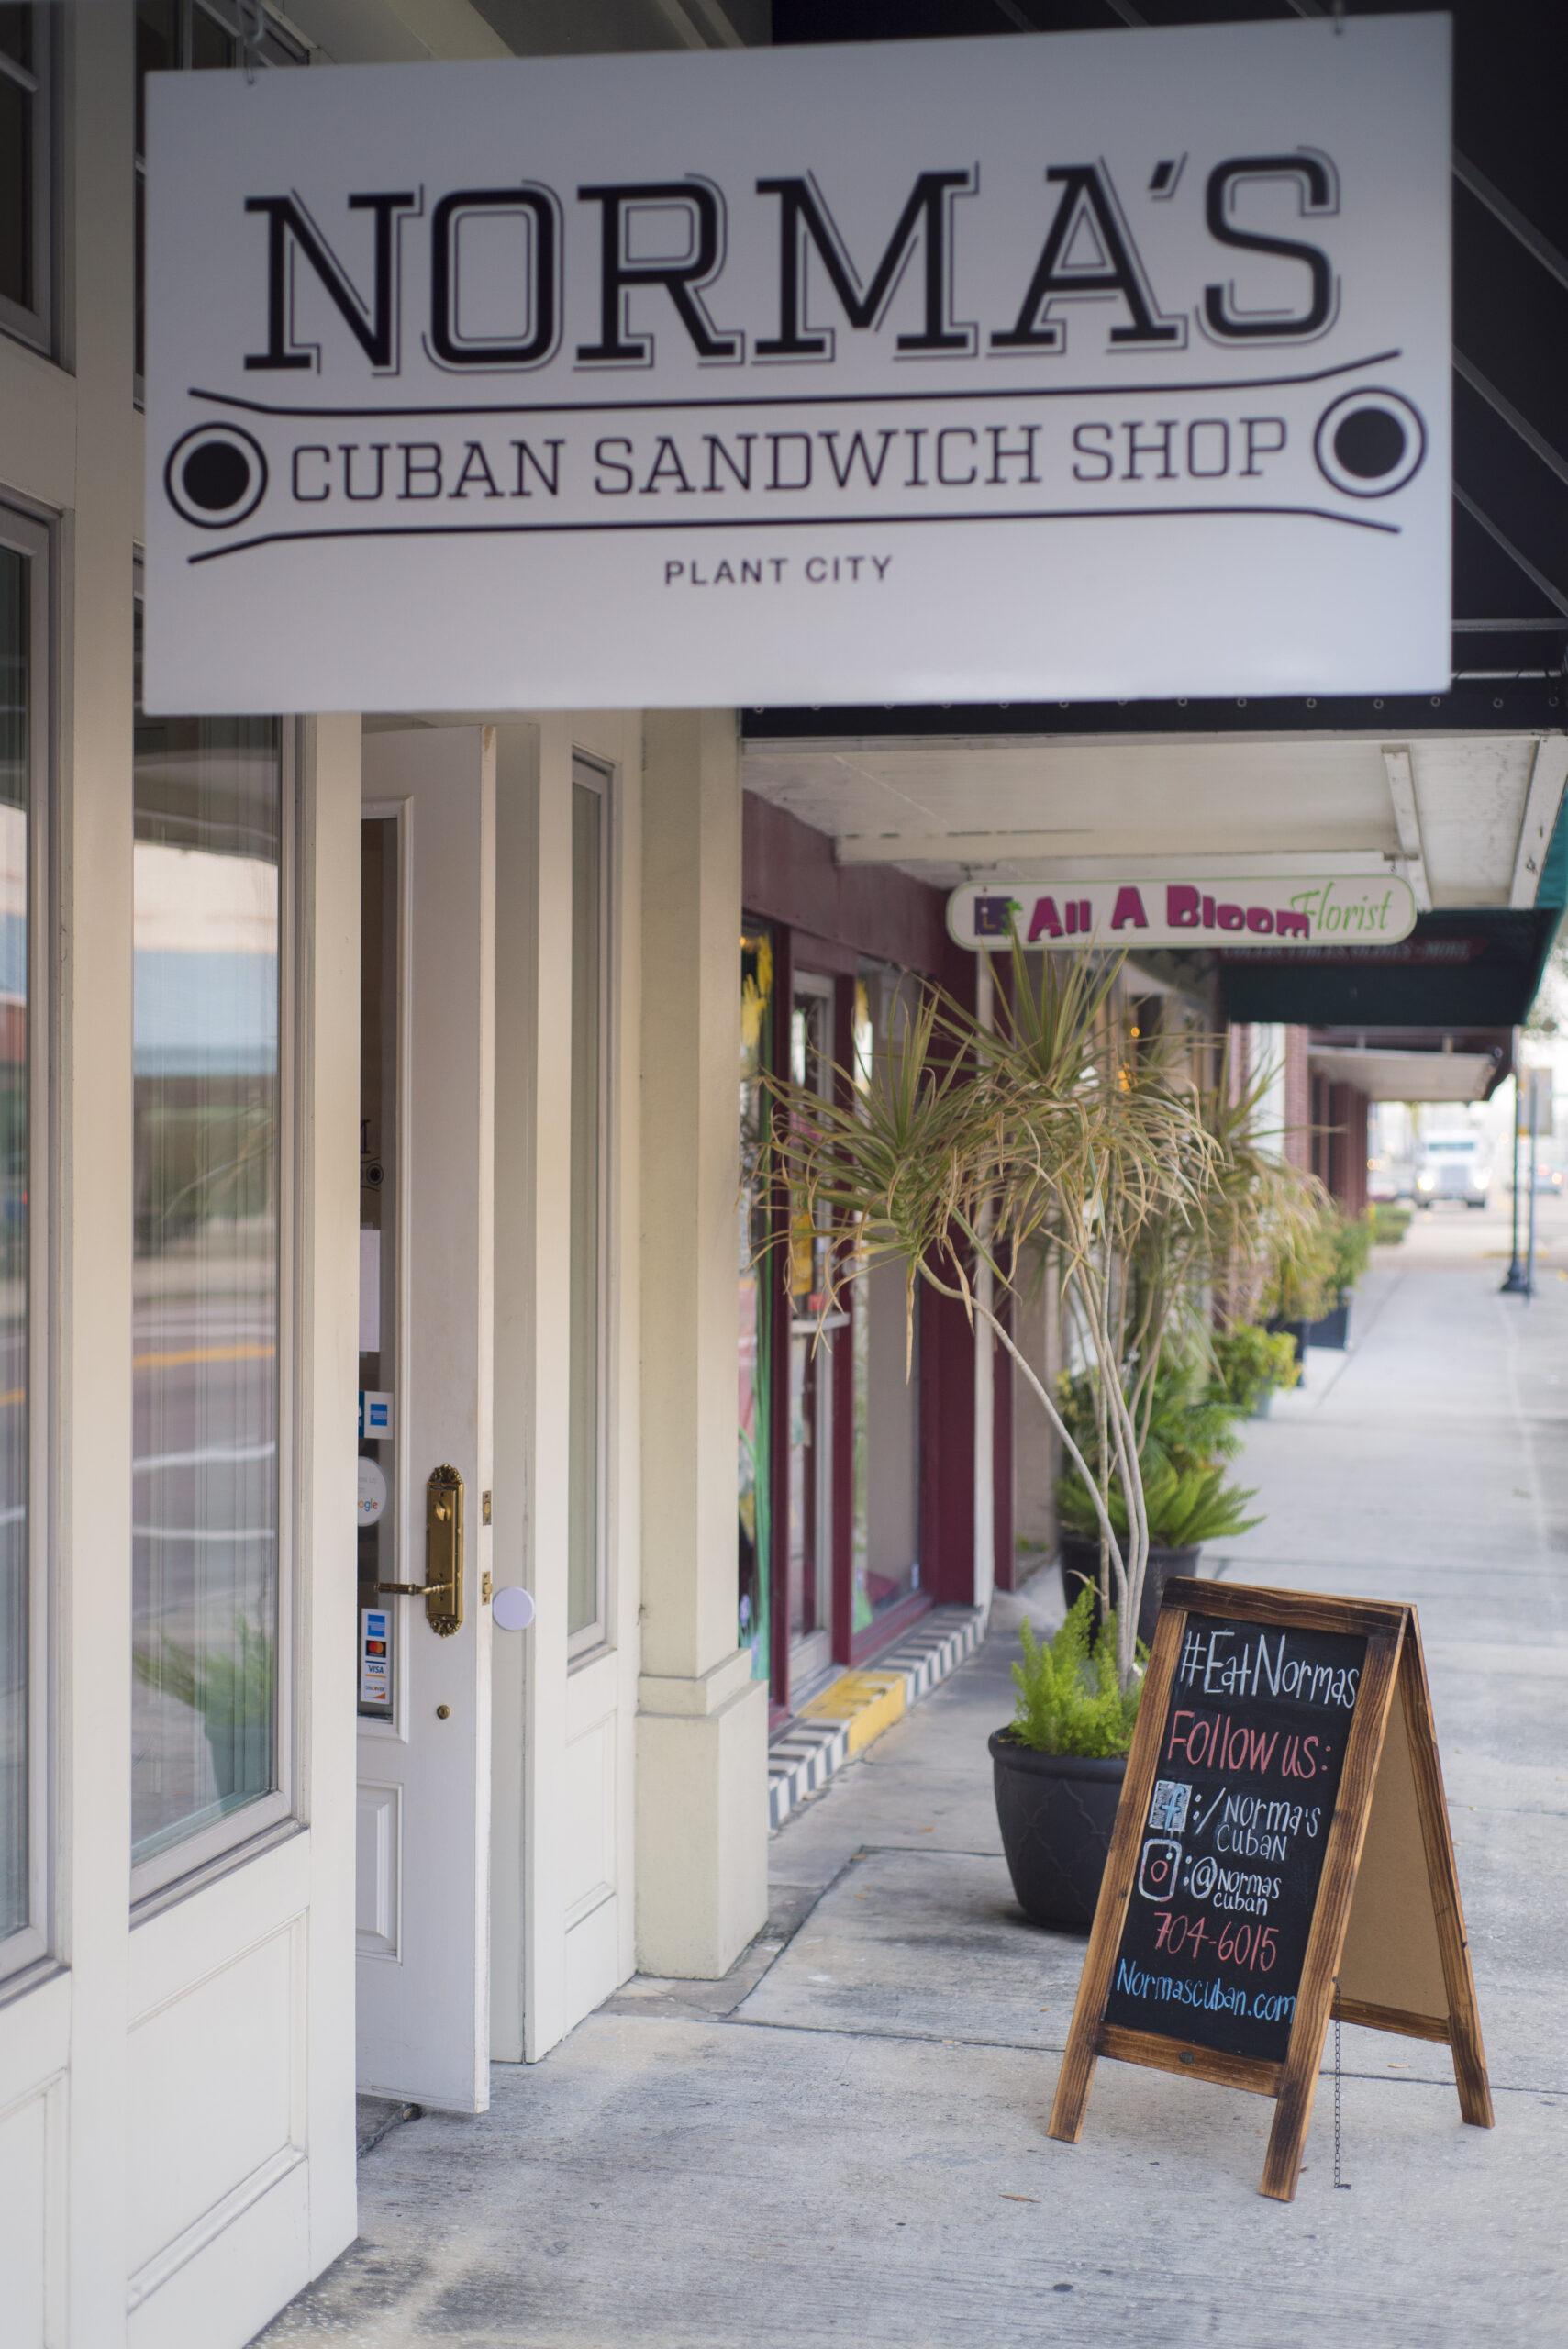 norma's plant city cuban sandwich shop